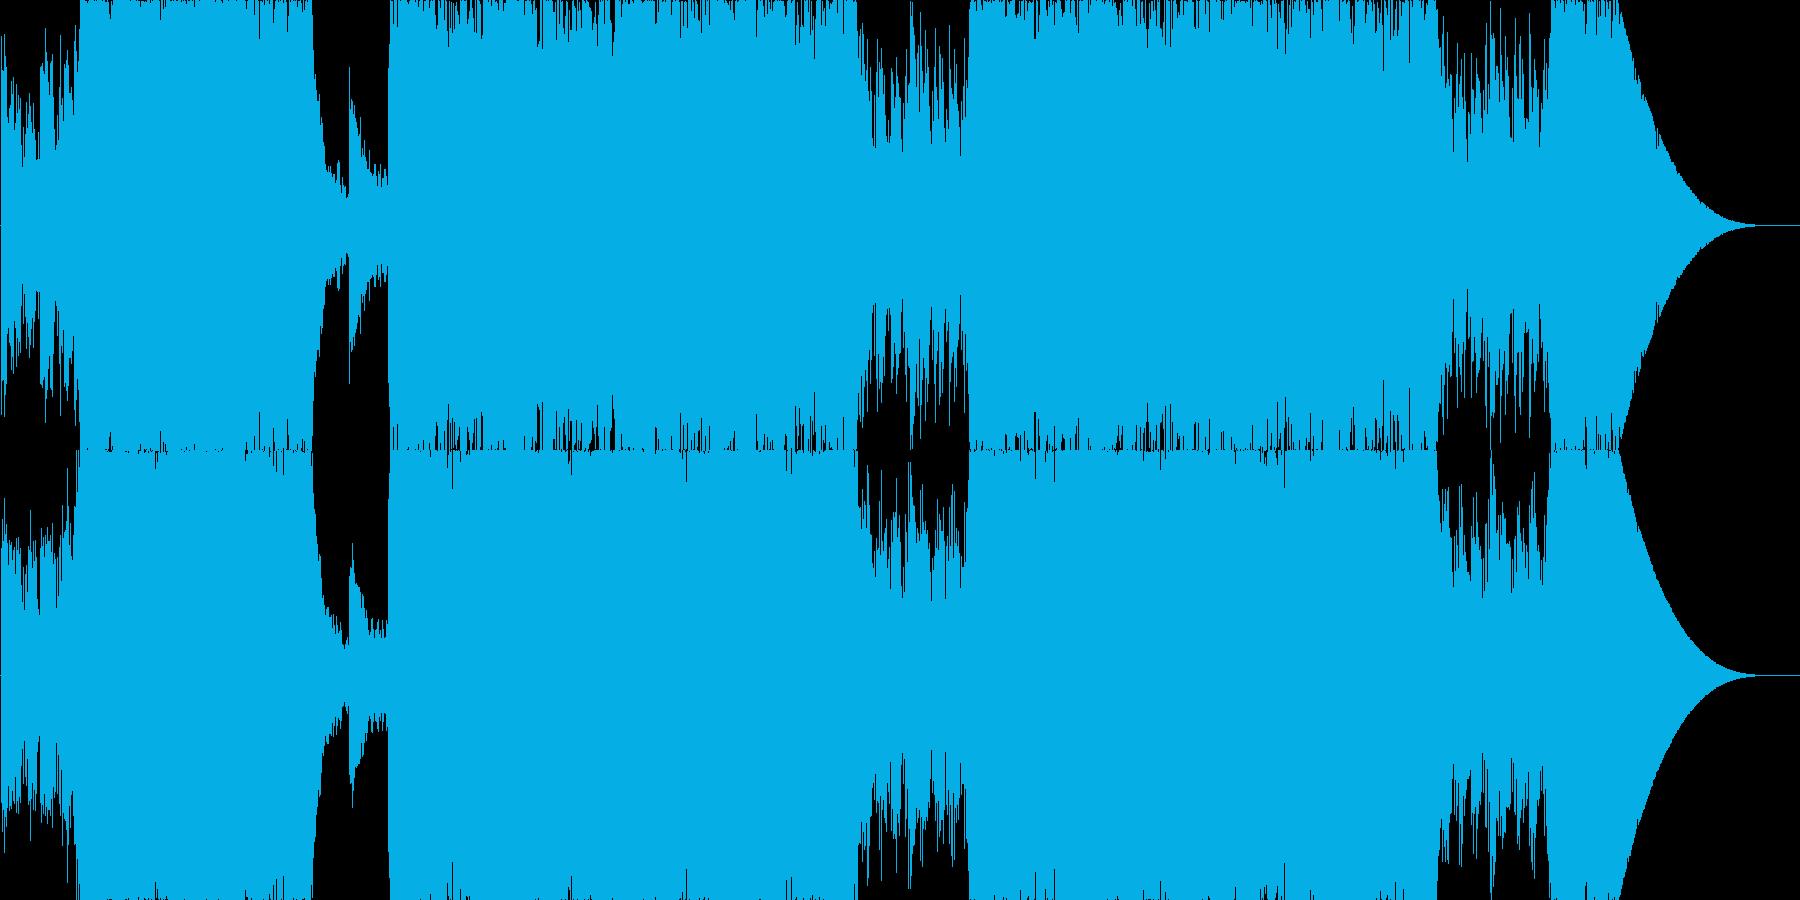 オーケストラ/幻想的/ダンジョン/神殿の再生済みの波形